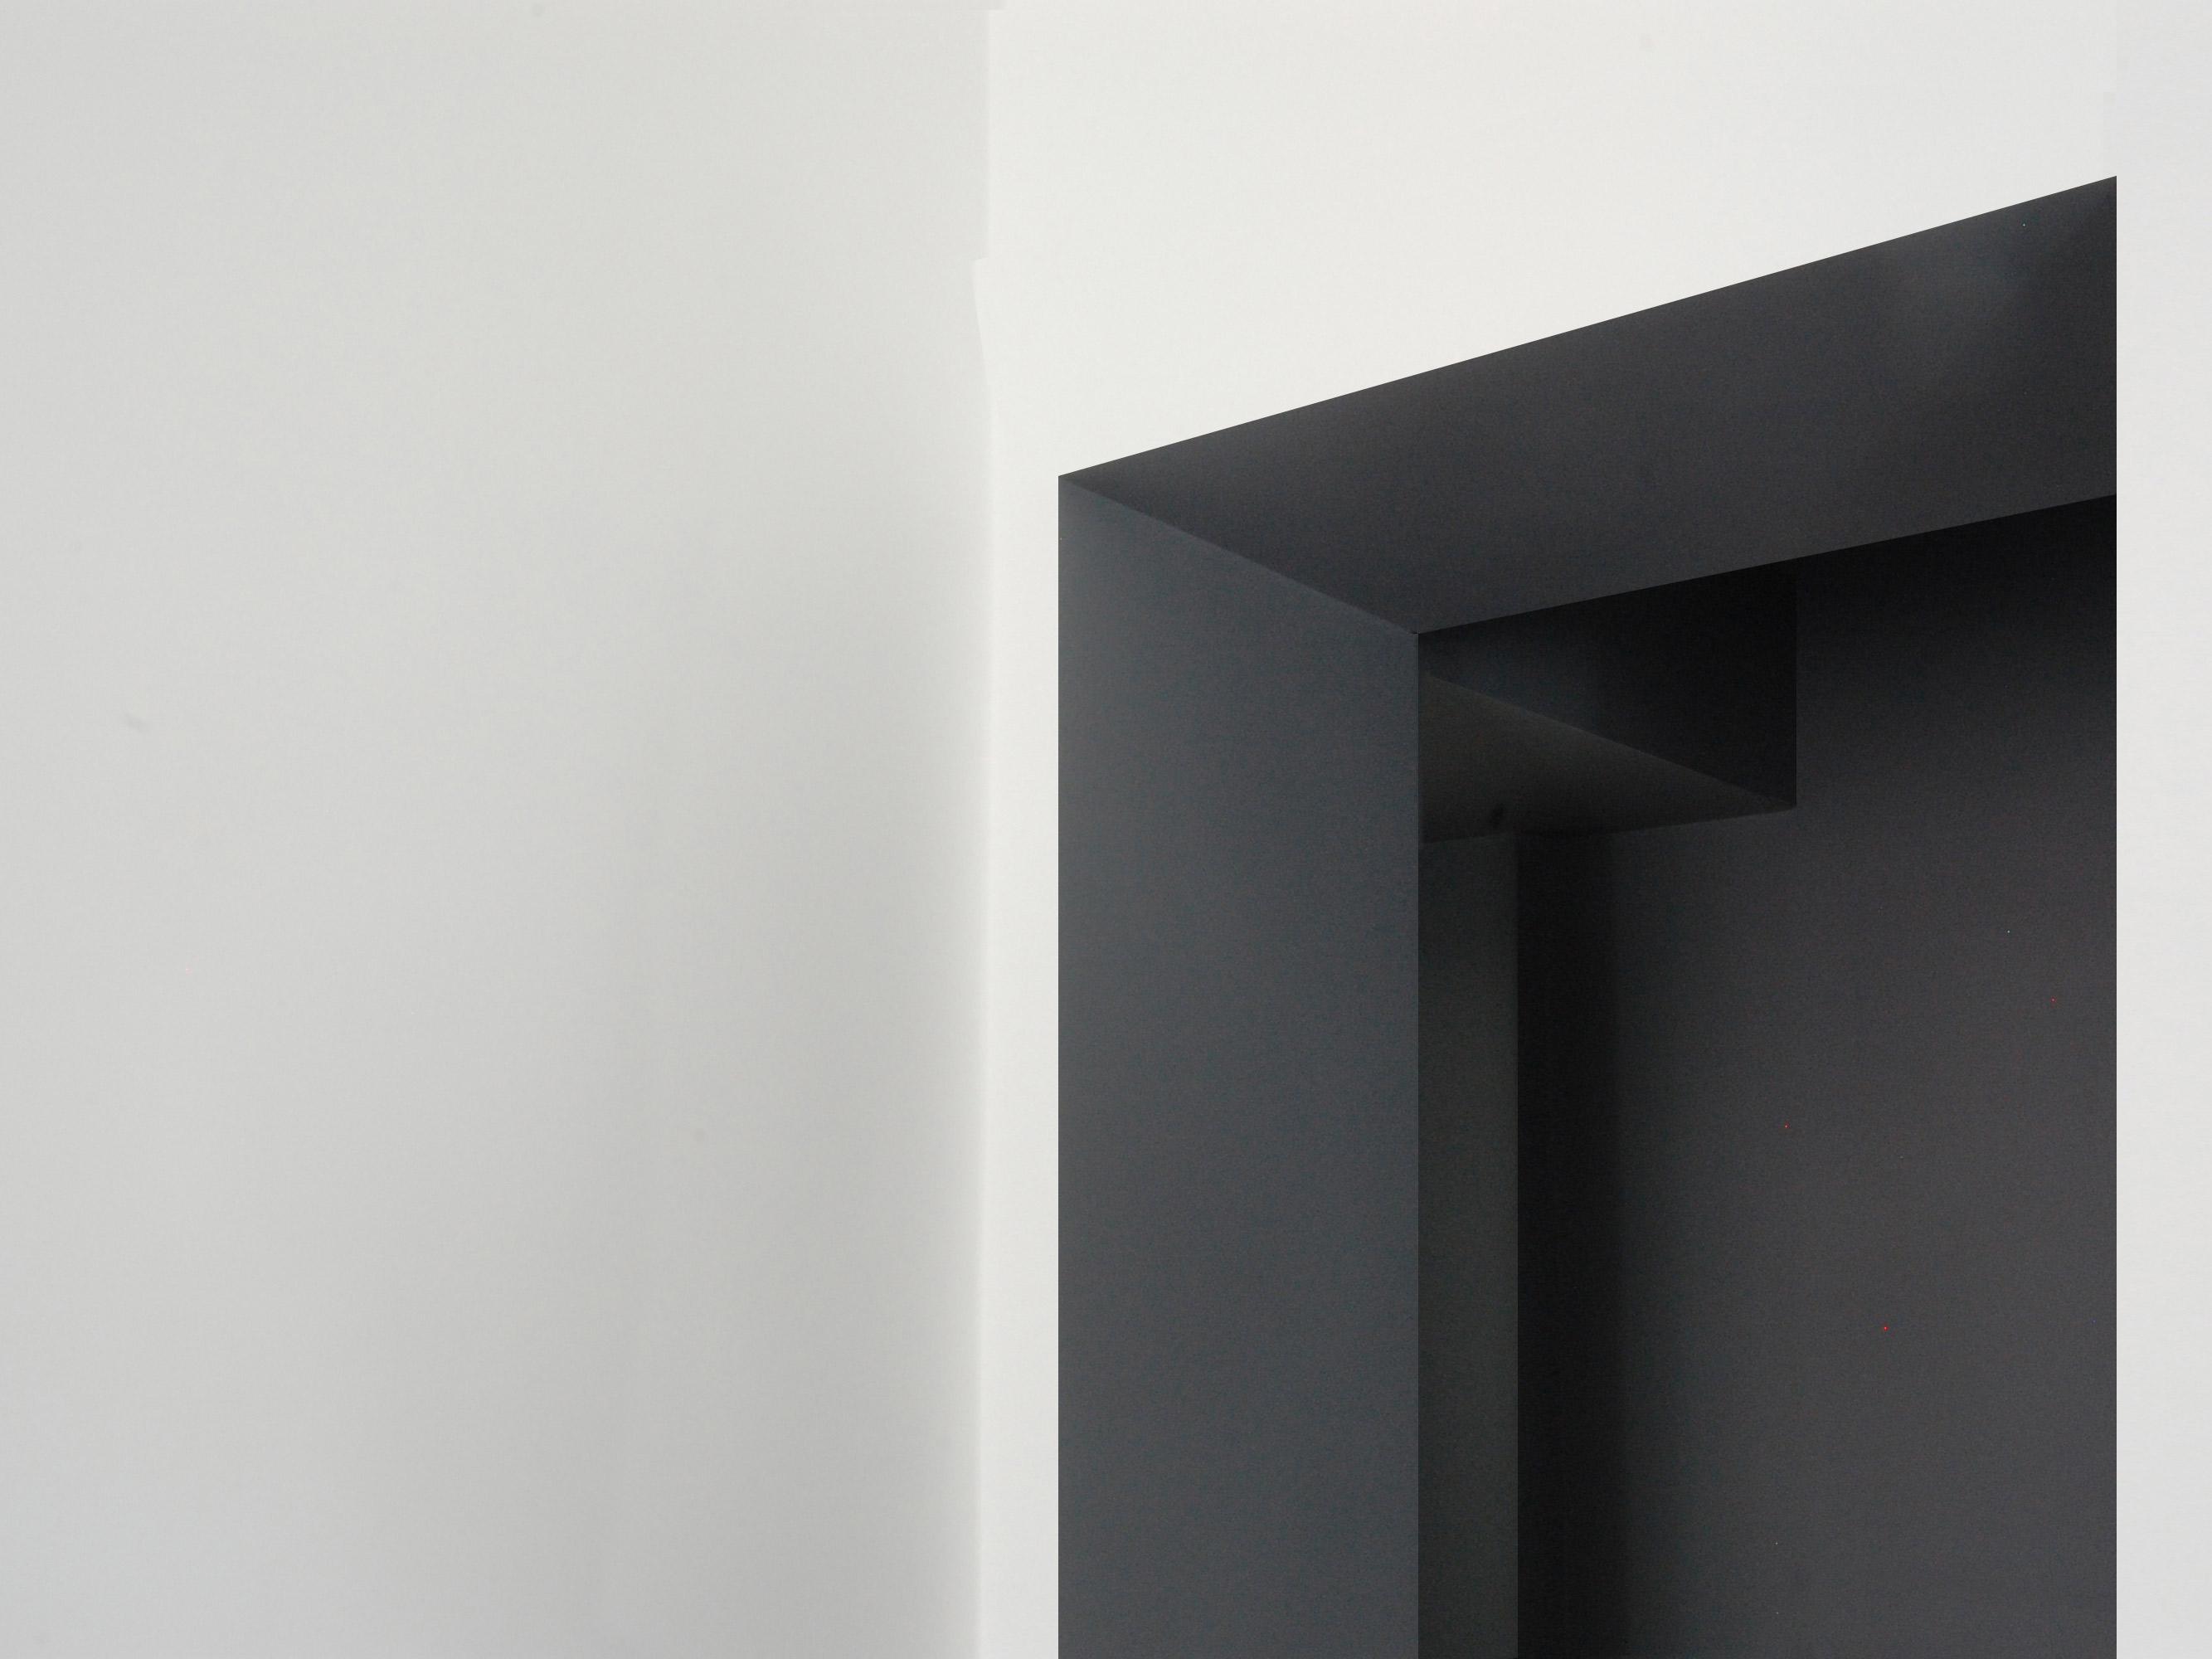 puntozero-architetti_casa-cola-di-rienzo-dettaglio-4_lowres